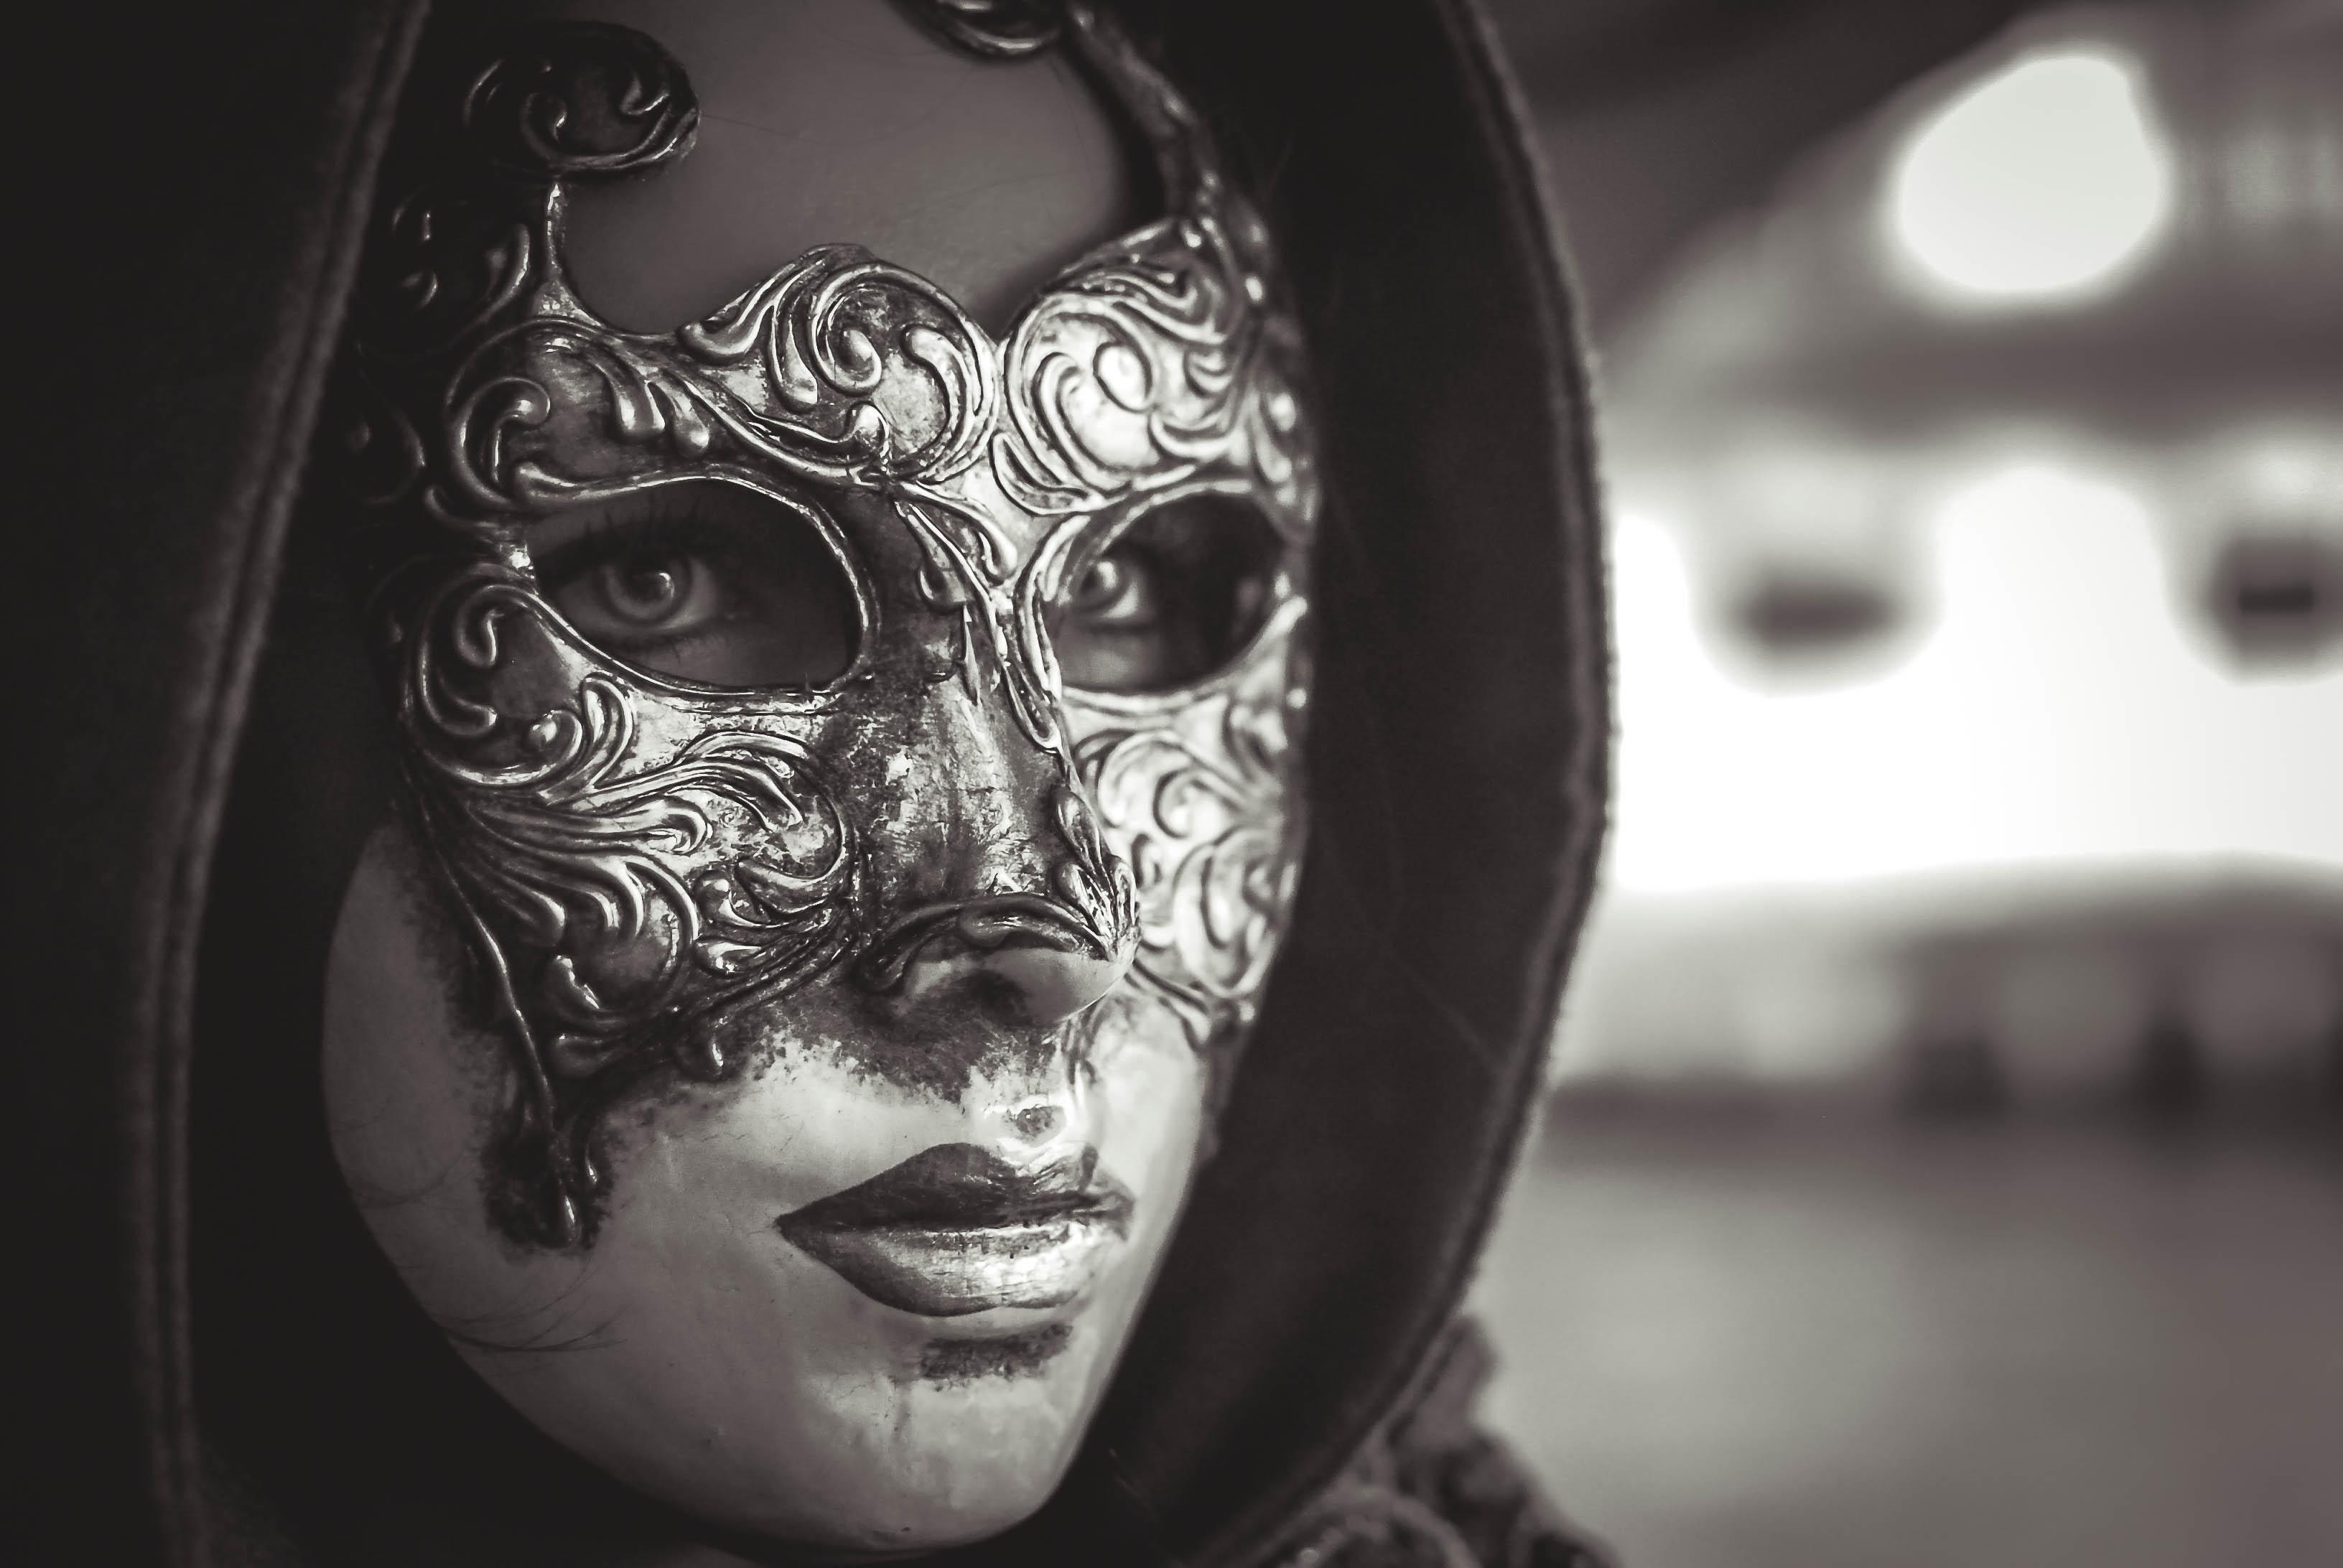 Images Gratuites : Vêtements, noir, Monochrome, crâne ...